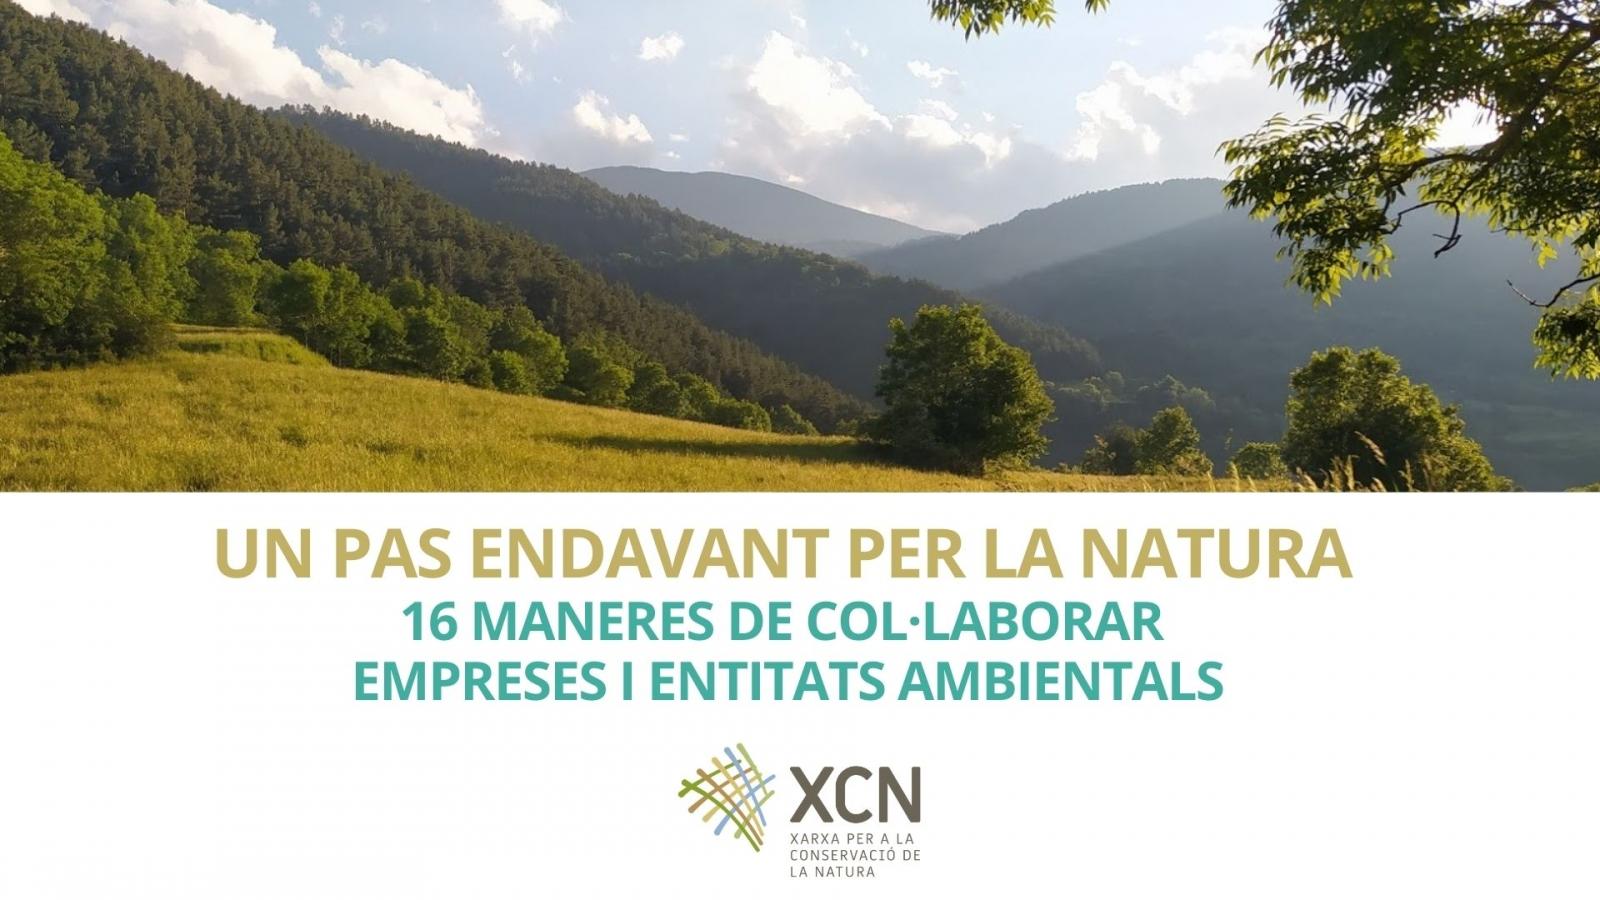 Un pas endavant per la natura :16 maneres de col·laborar empreses i entitats ambientals